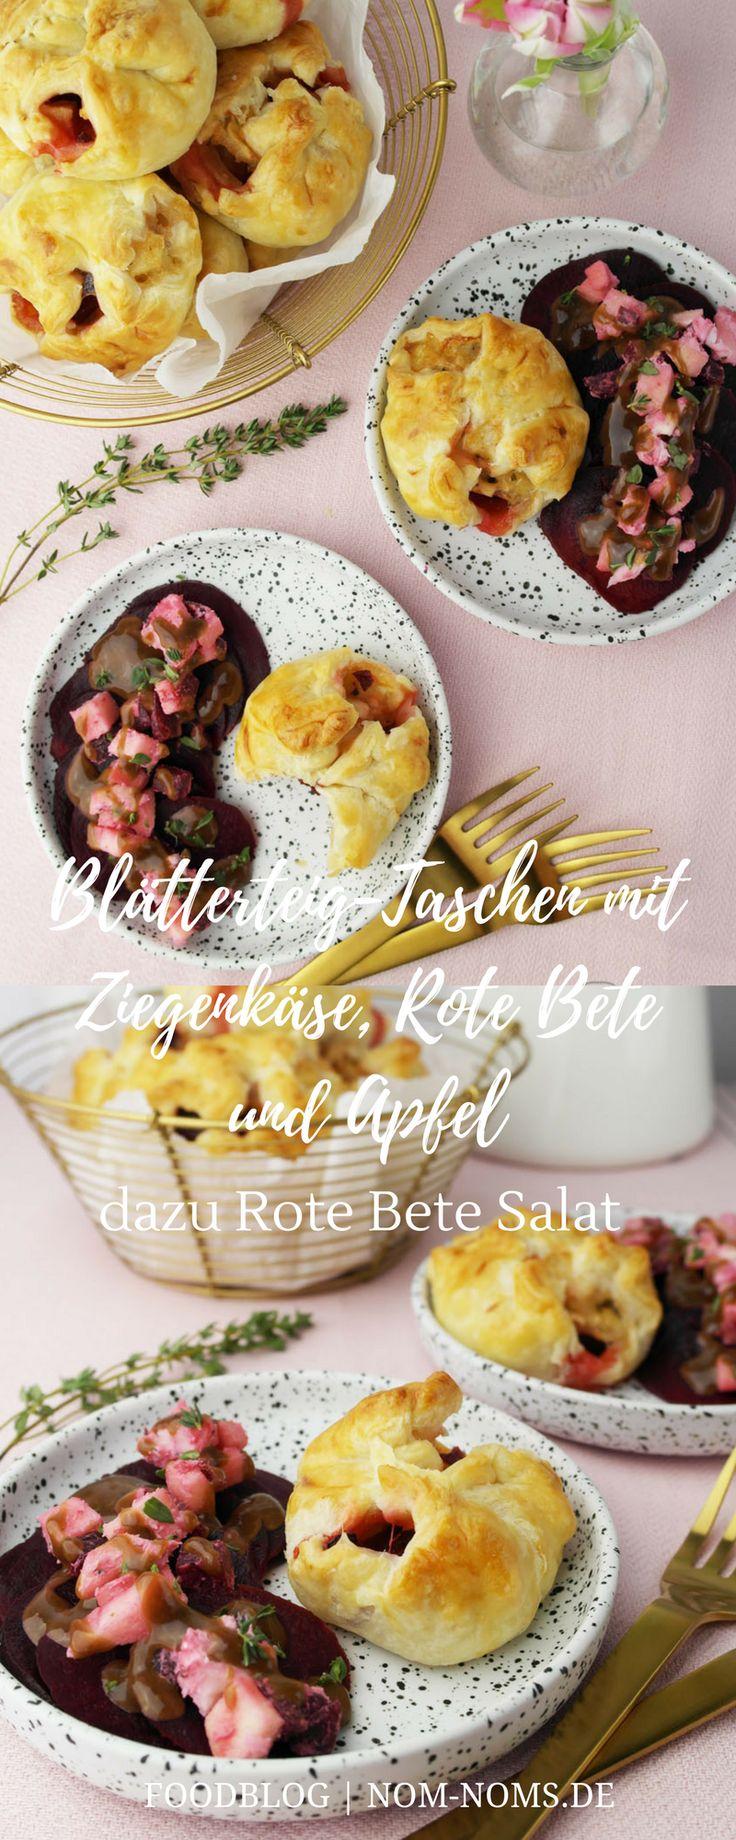 die besten 25 rote bete salat ideen auf pinterest rezepte mit rote beete rote beete kochen. Black Bedroom Furniture Sets. Home Design Ideas